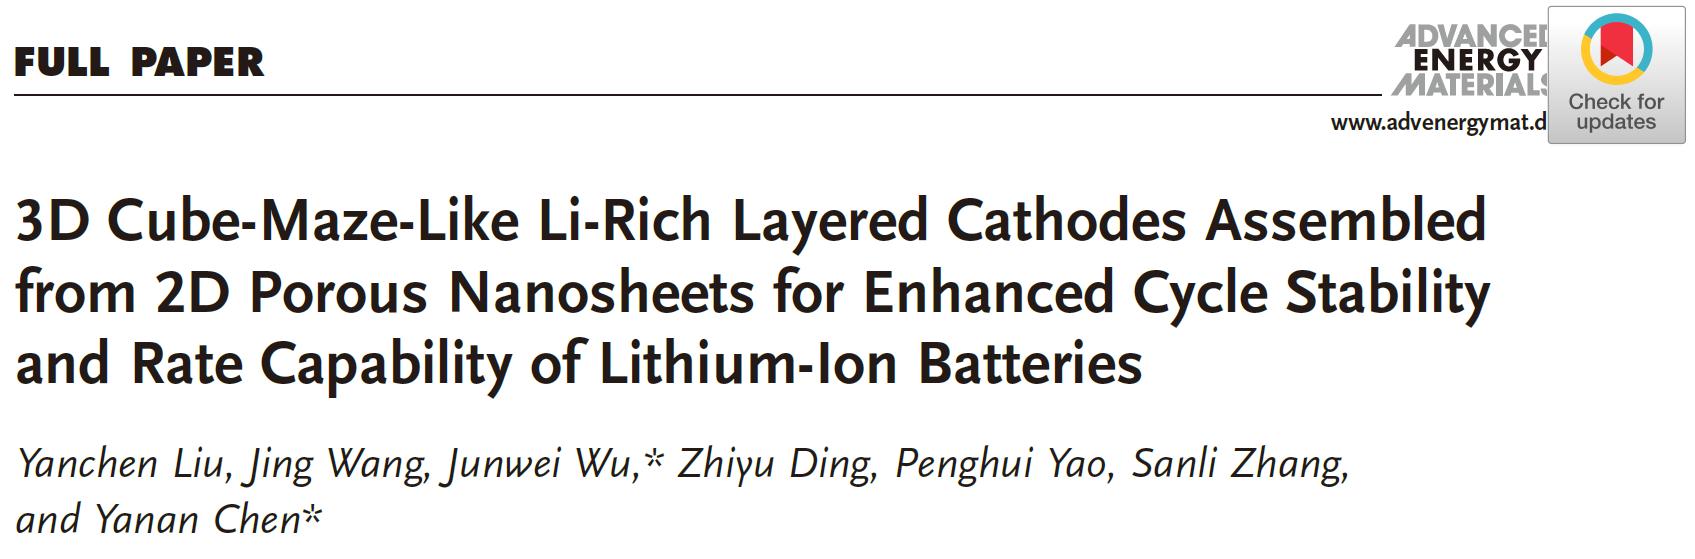 二维多孔纳米片组装的三维立方迷宫状富锂层状正极增强锂离子电池的循环稳定性和倍率